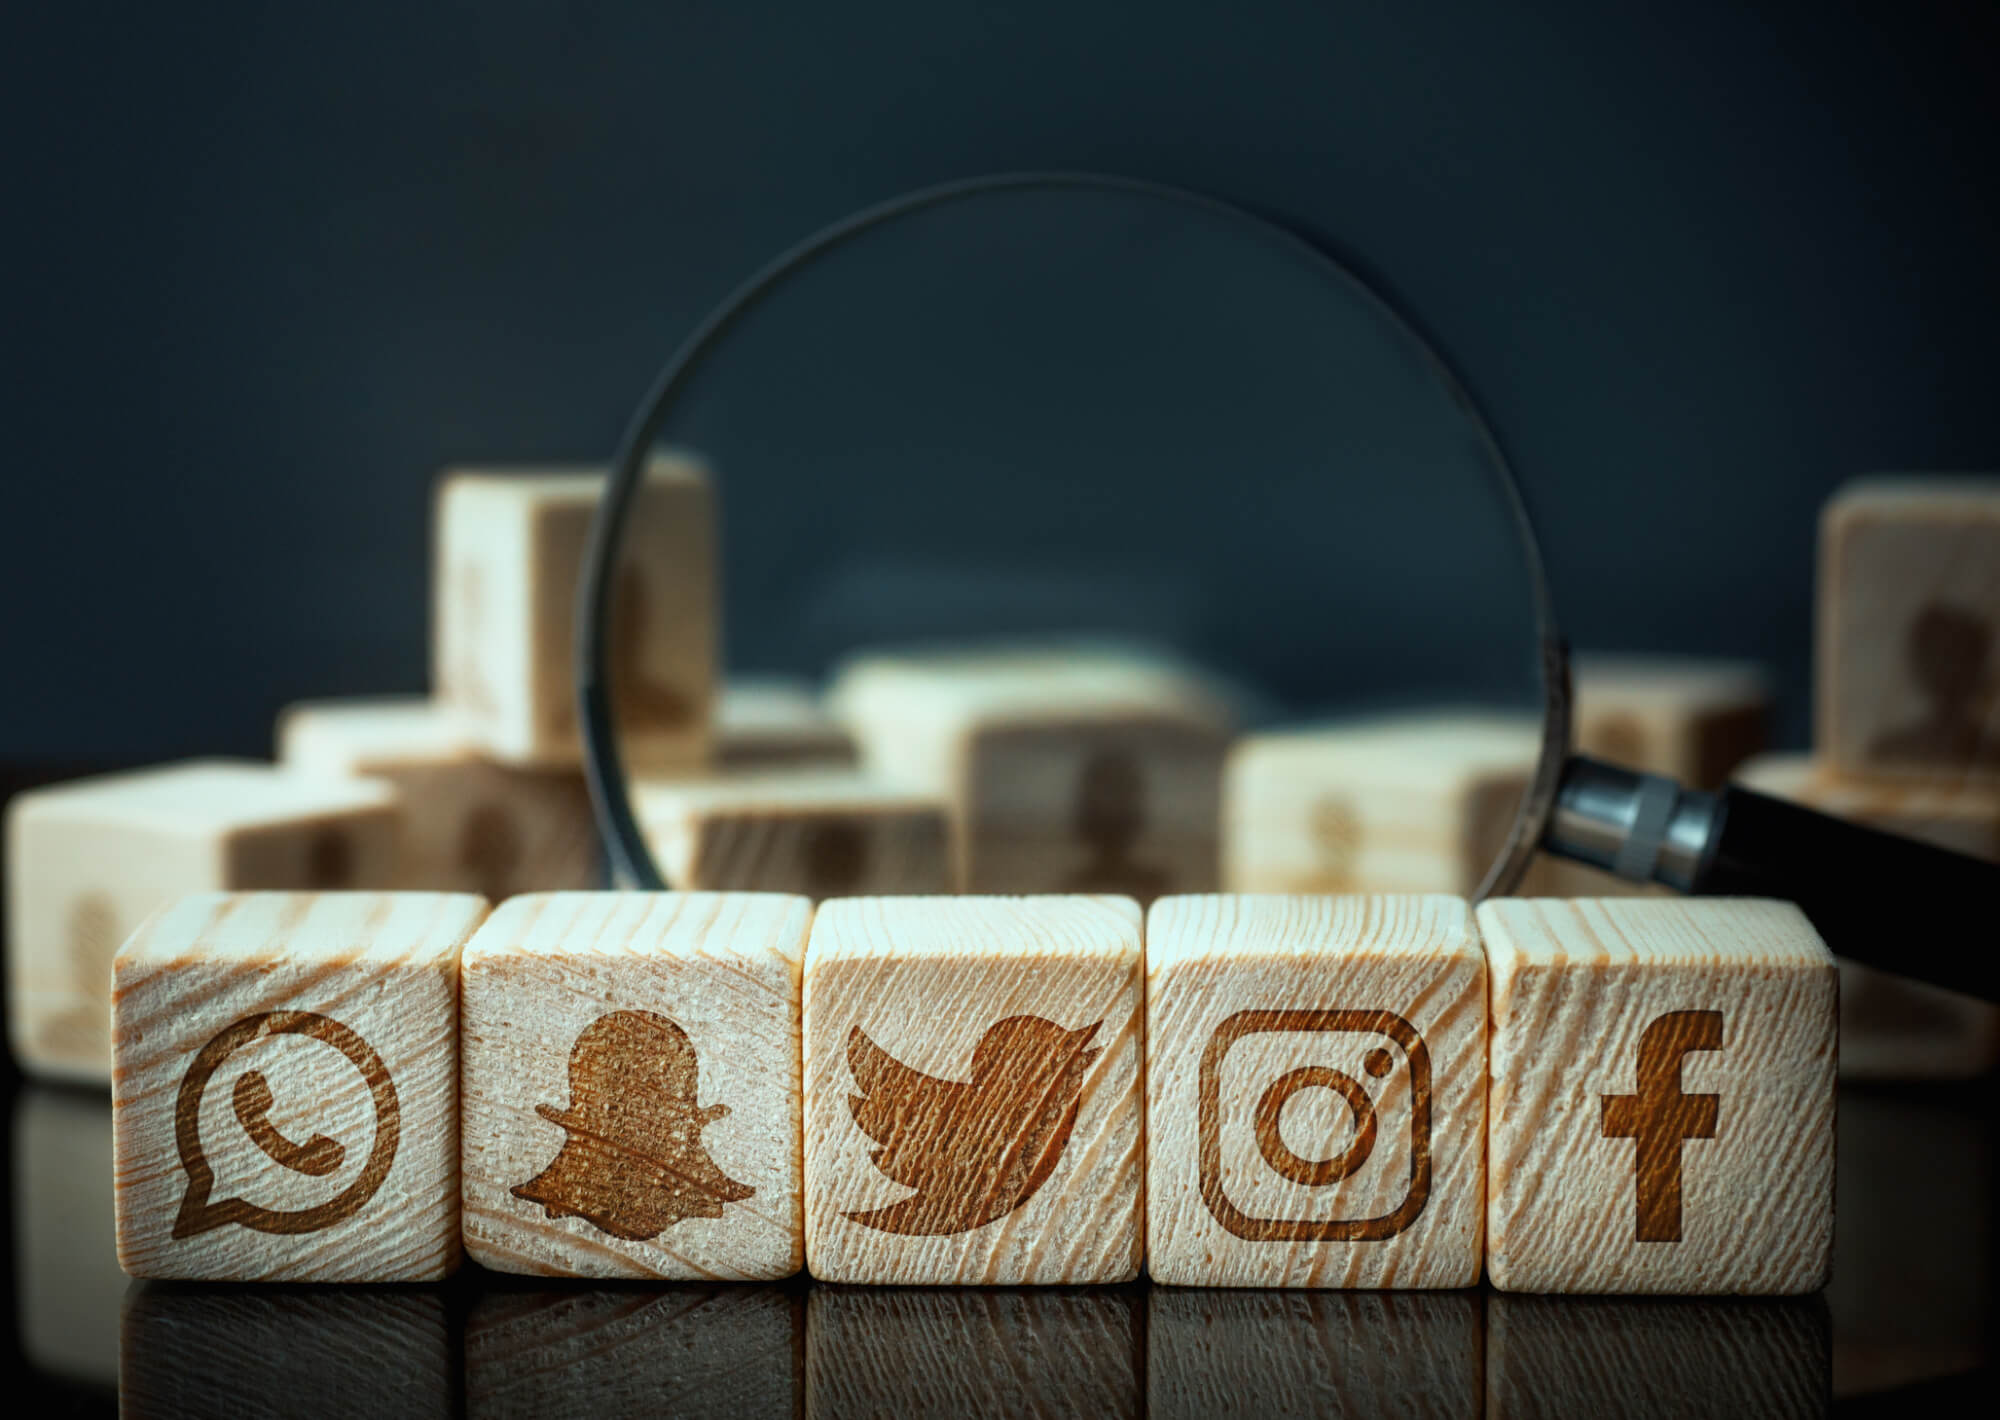 Instagram & Snapchat